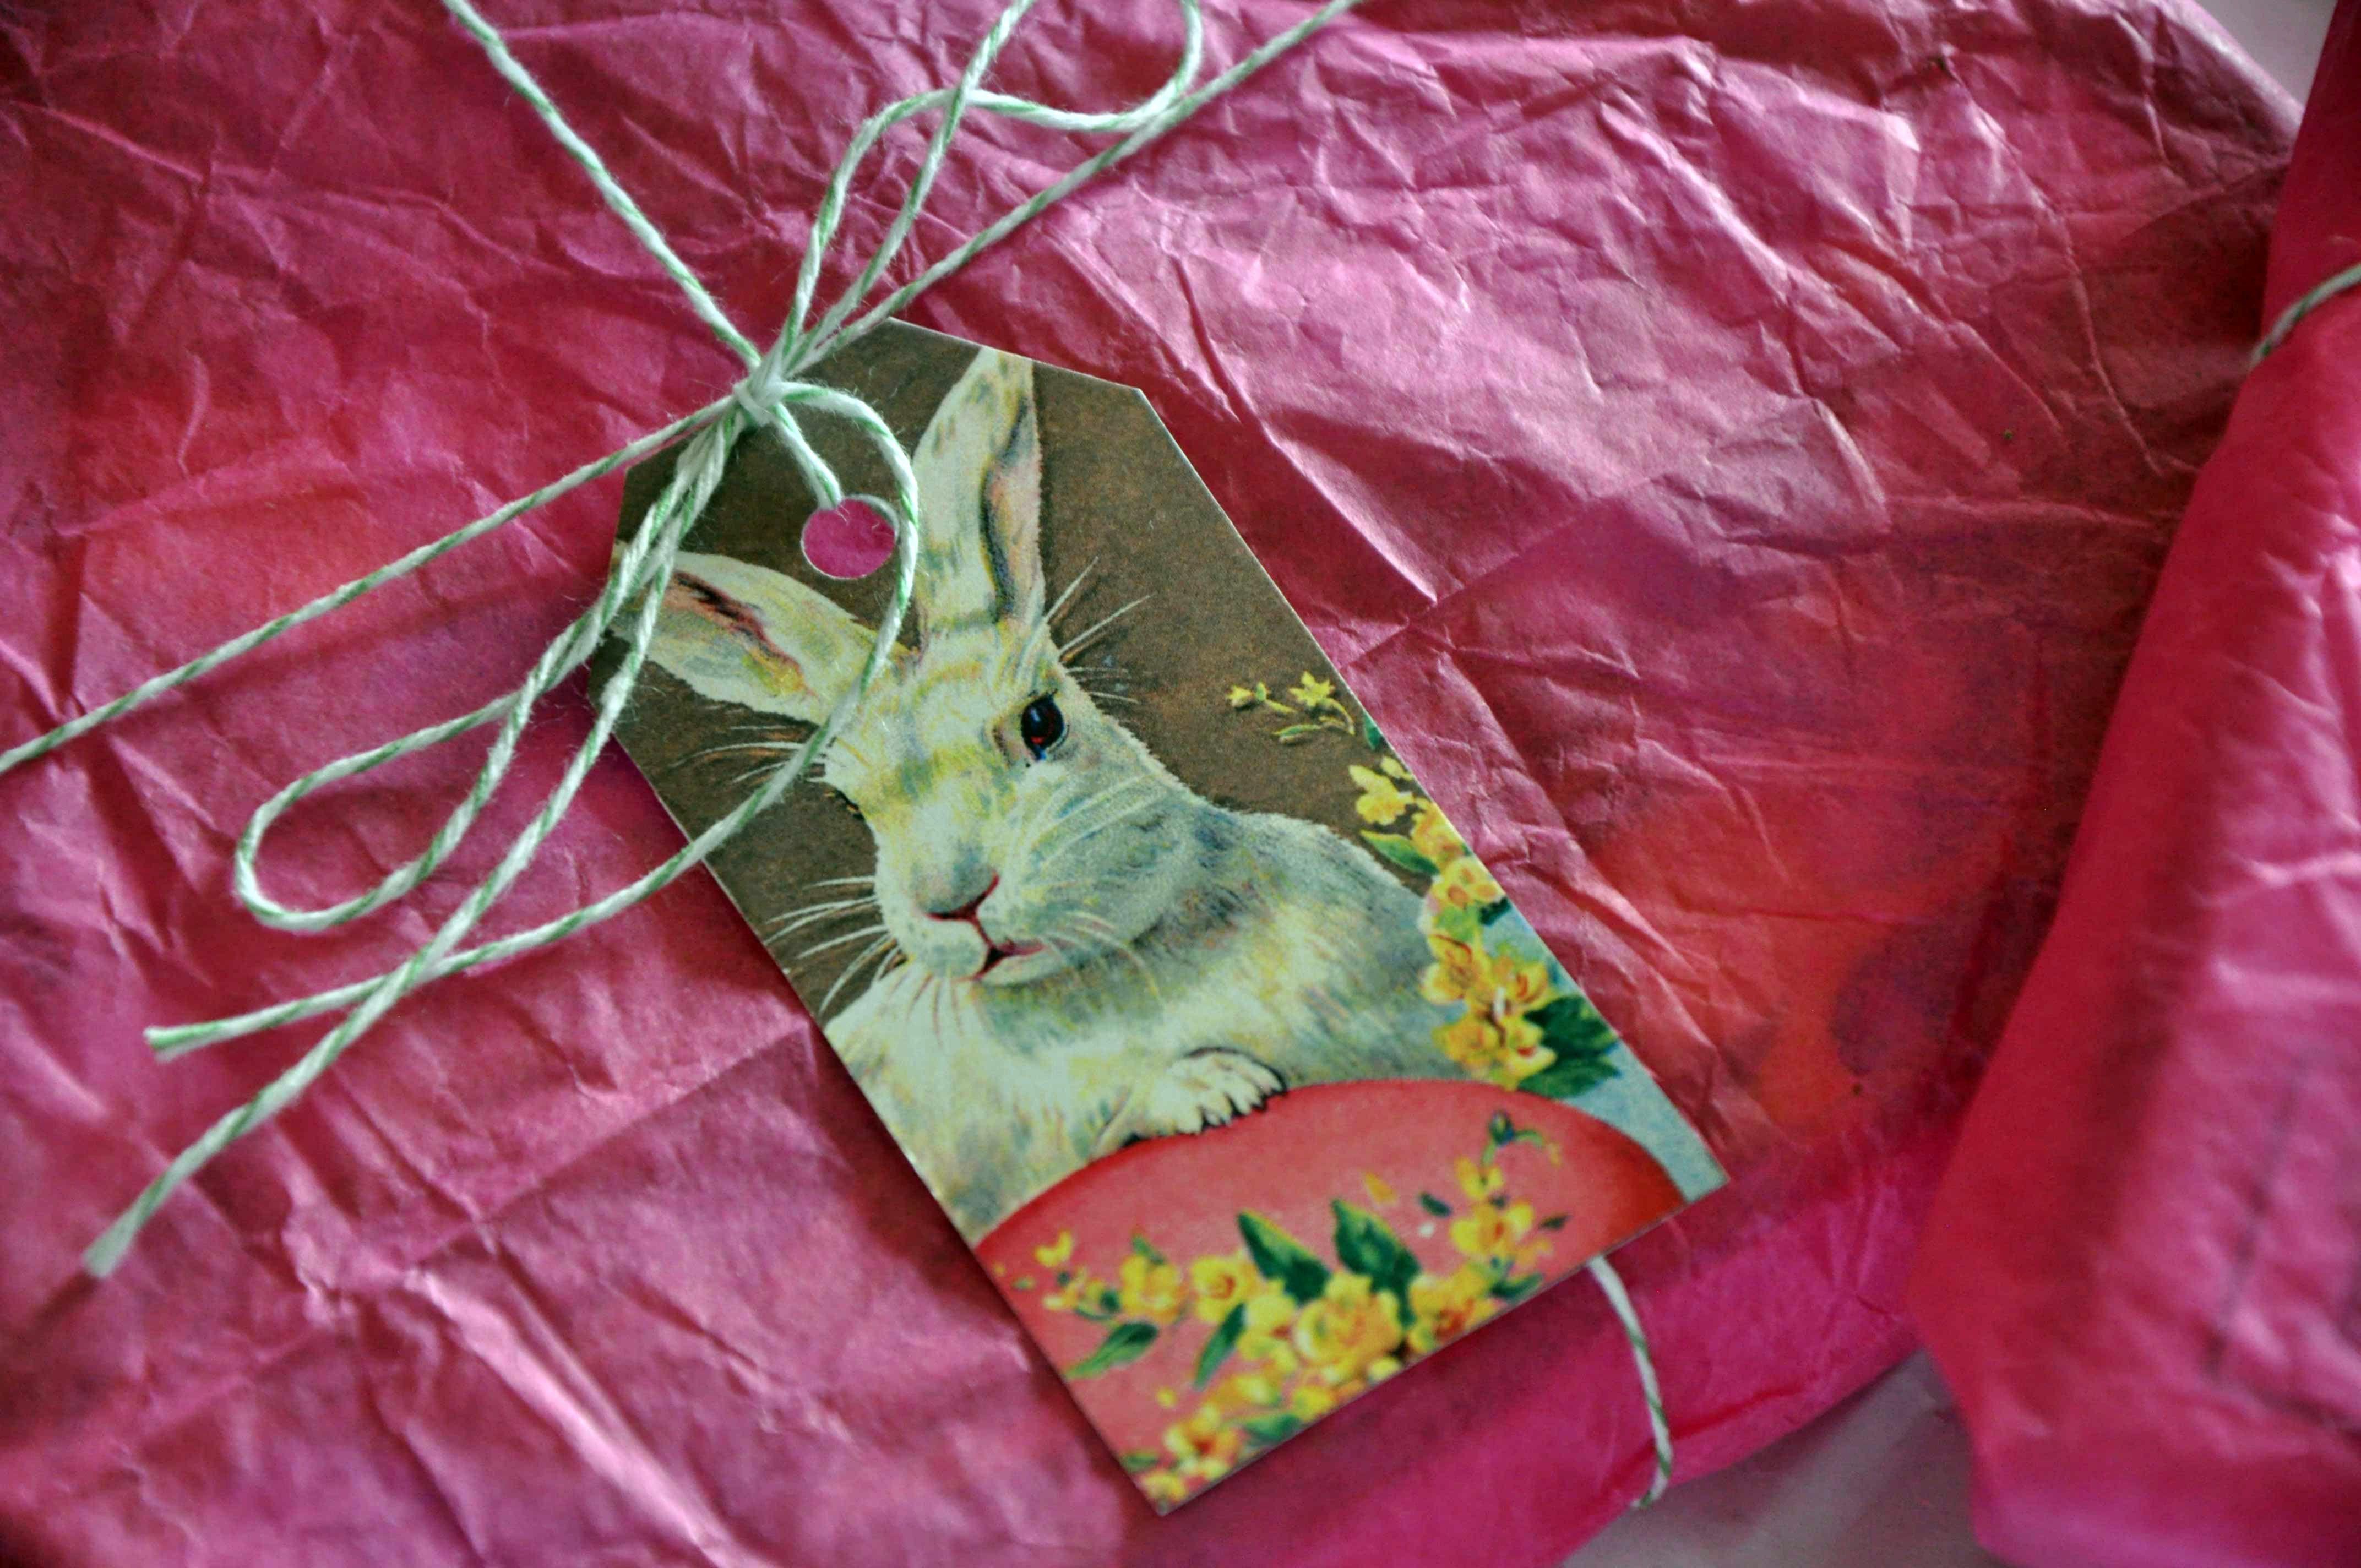 Osterhasenanhänger im Wonderland http://checkoutwonderland.com/2014/03/21/ostern-kommt-bald-geschenksanhanger-fur-eure-geschenke/